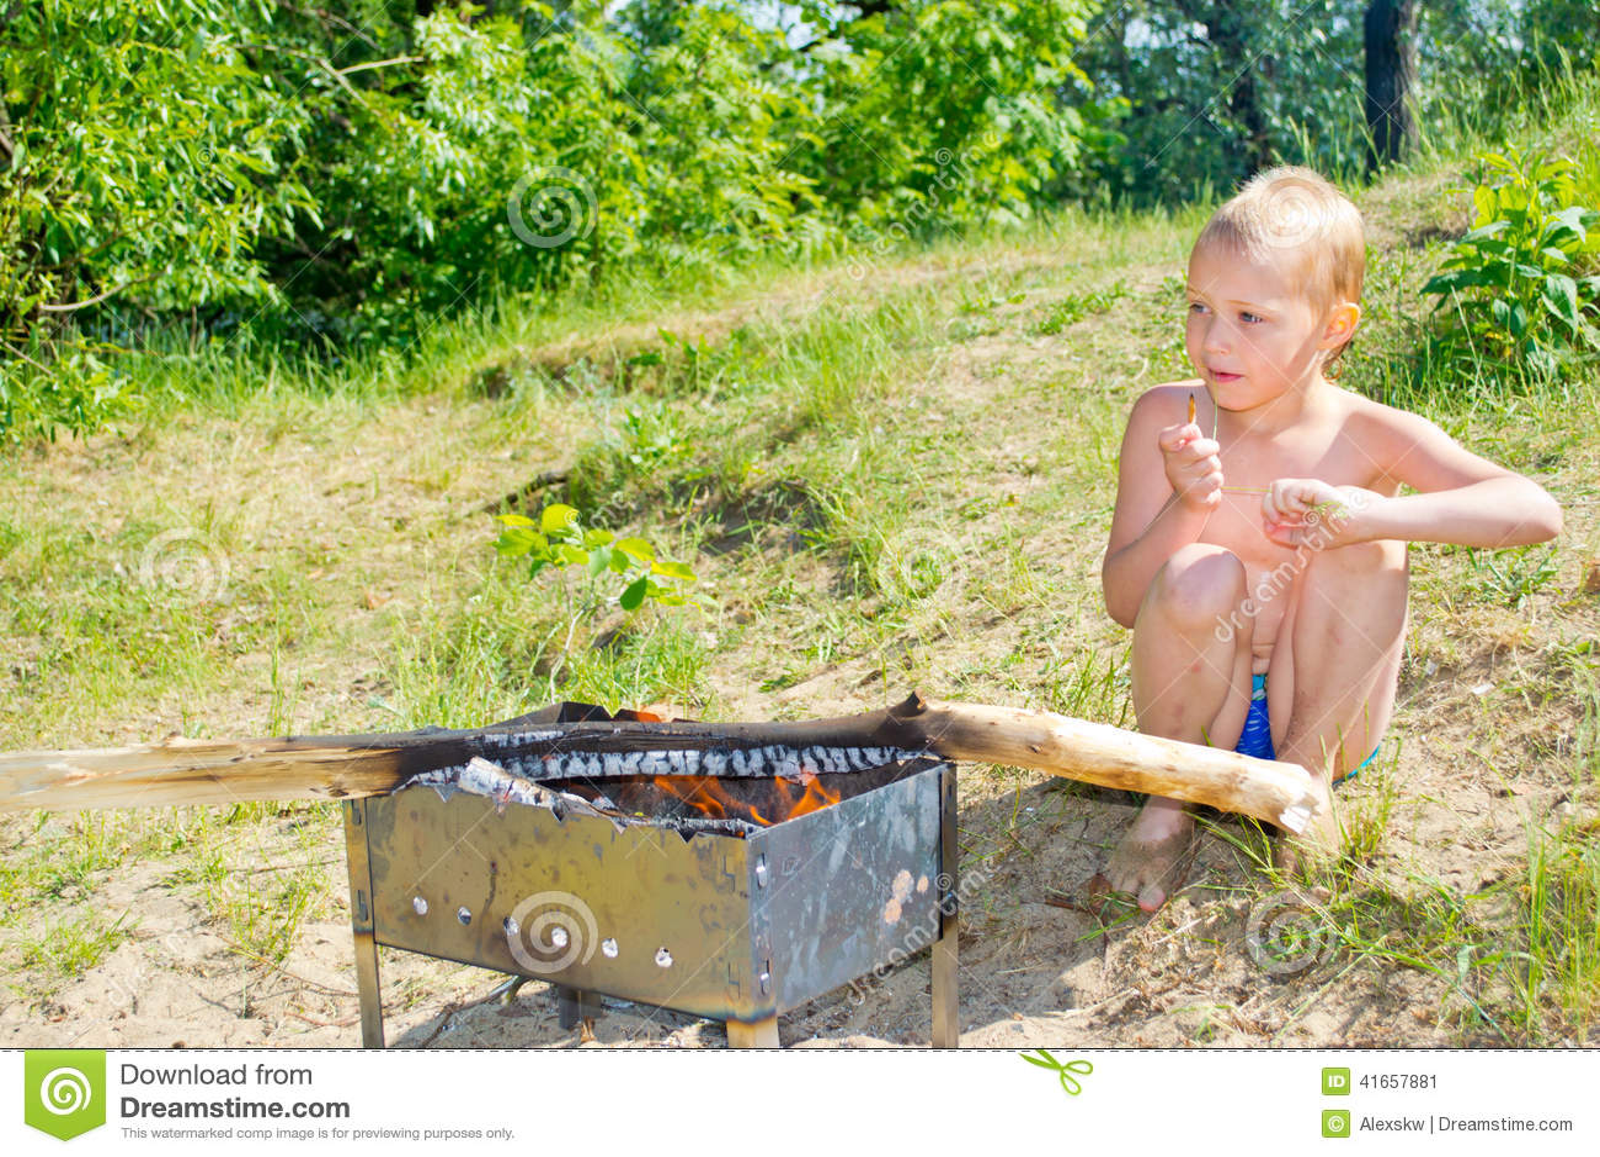 Мальчик разжигает